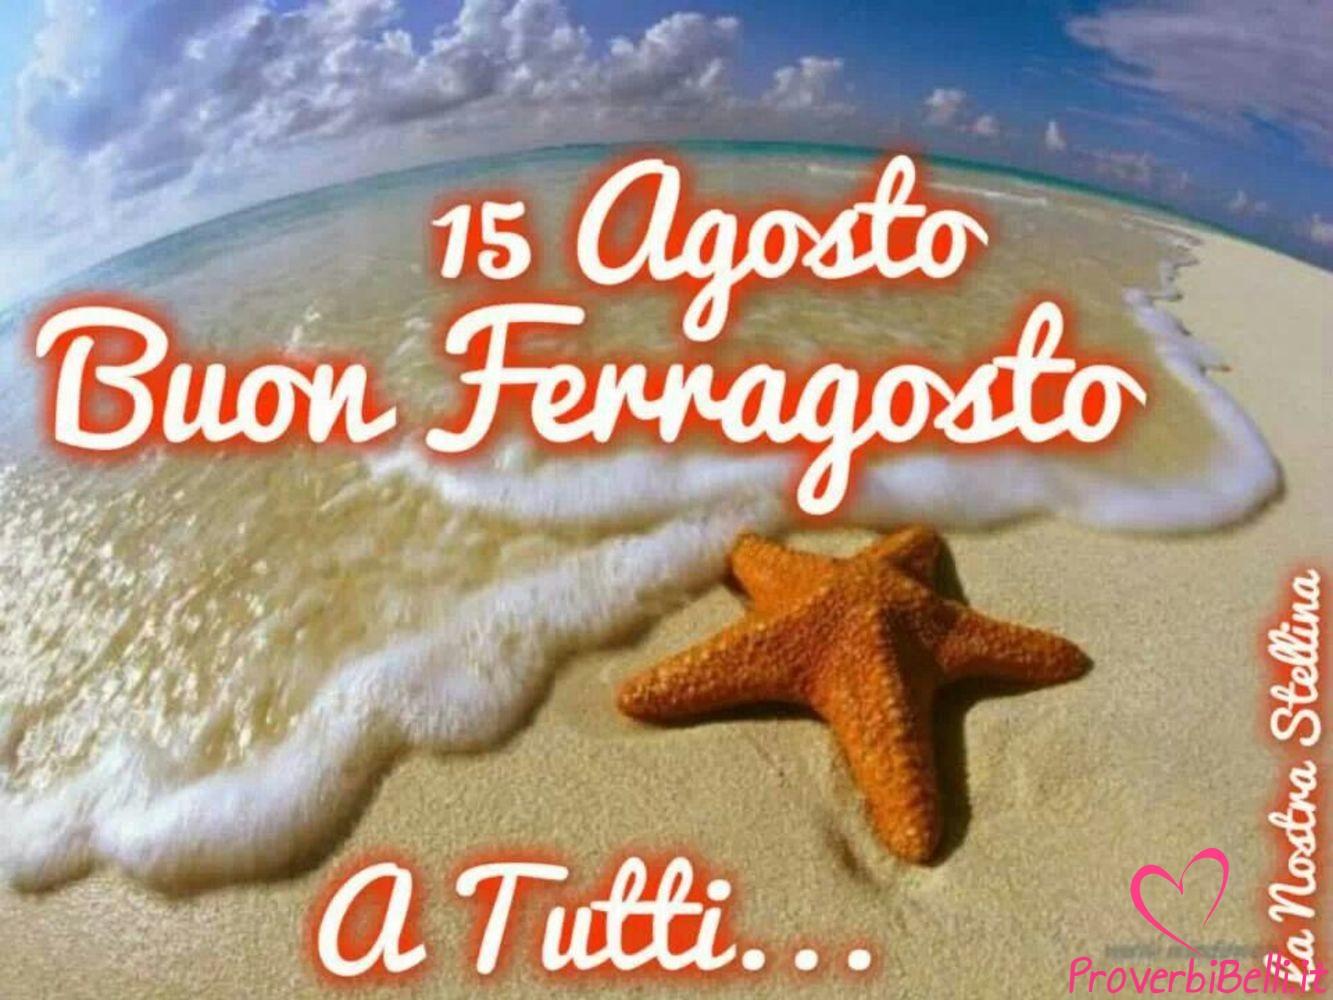 Ferragosto-Immagini-Whatsapp-Belle-74